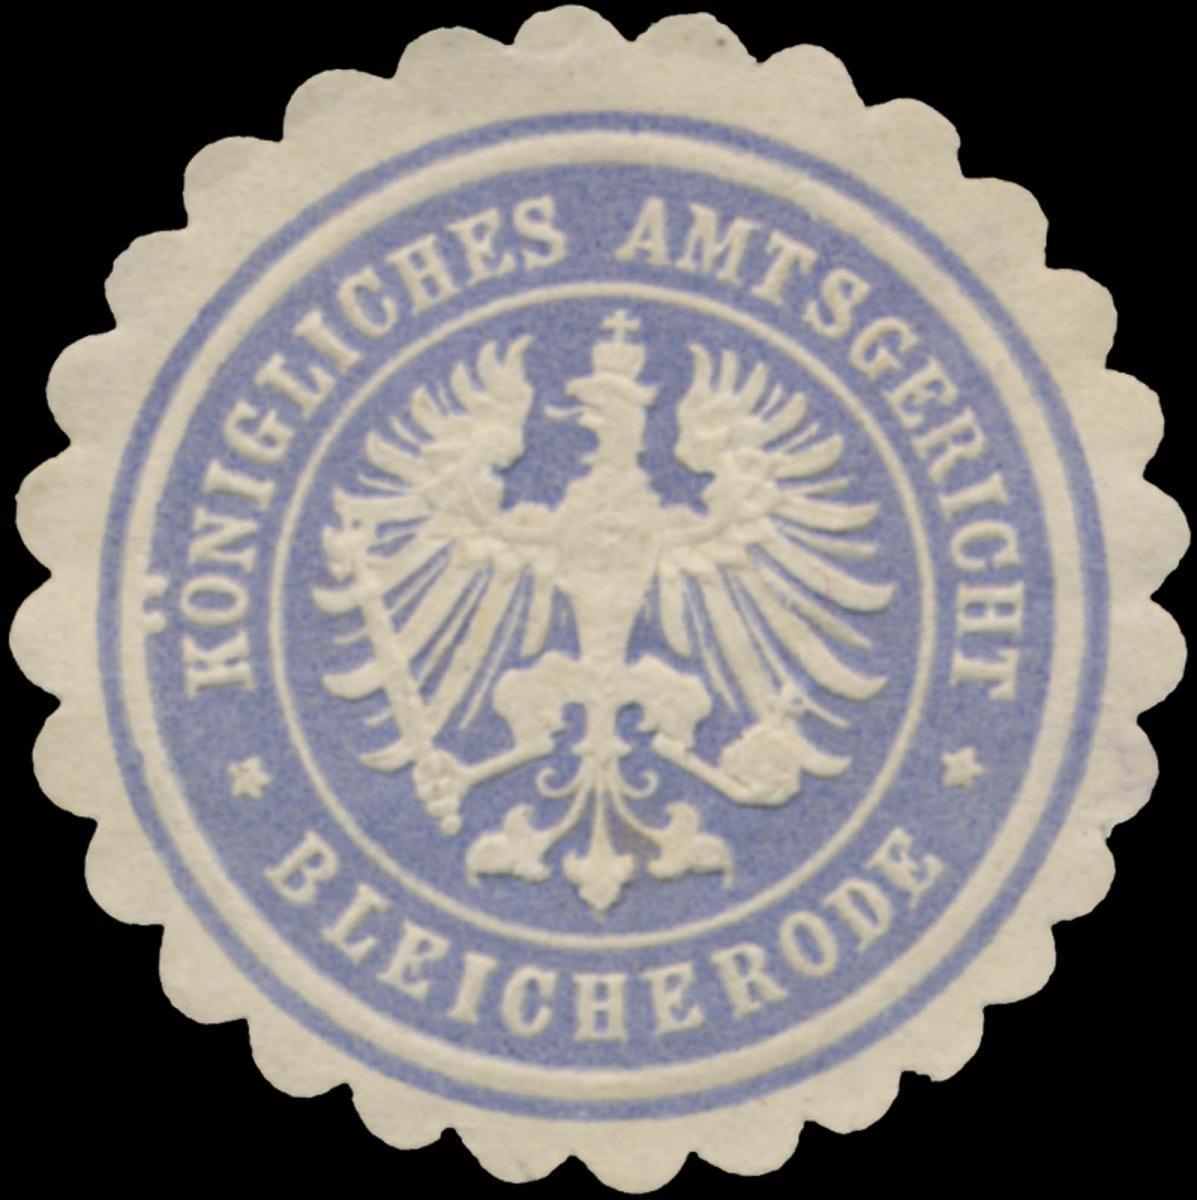 K. Amtsgericht Bleicherode